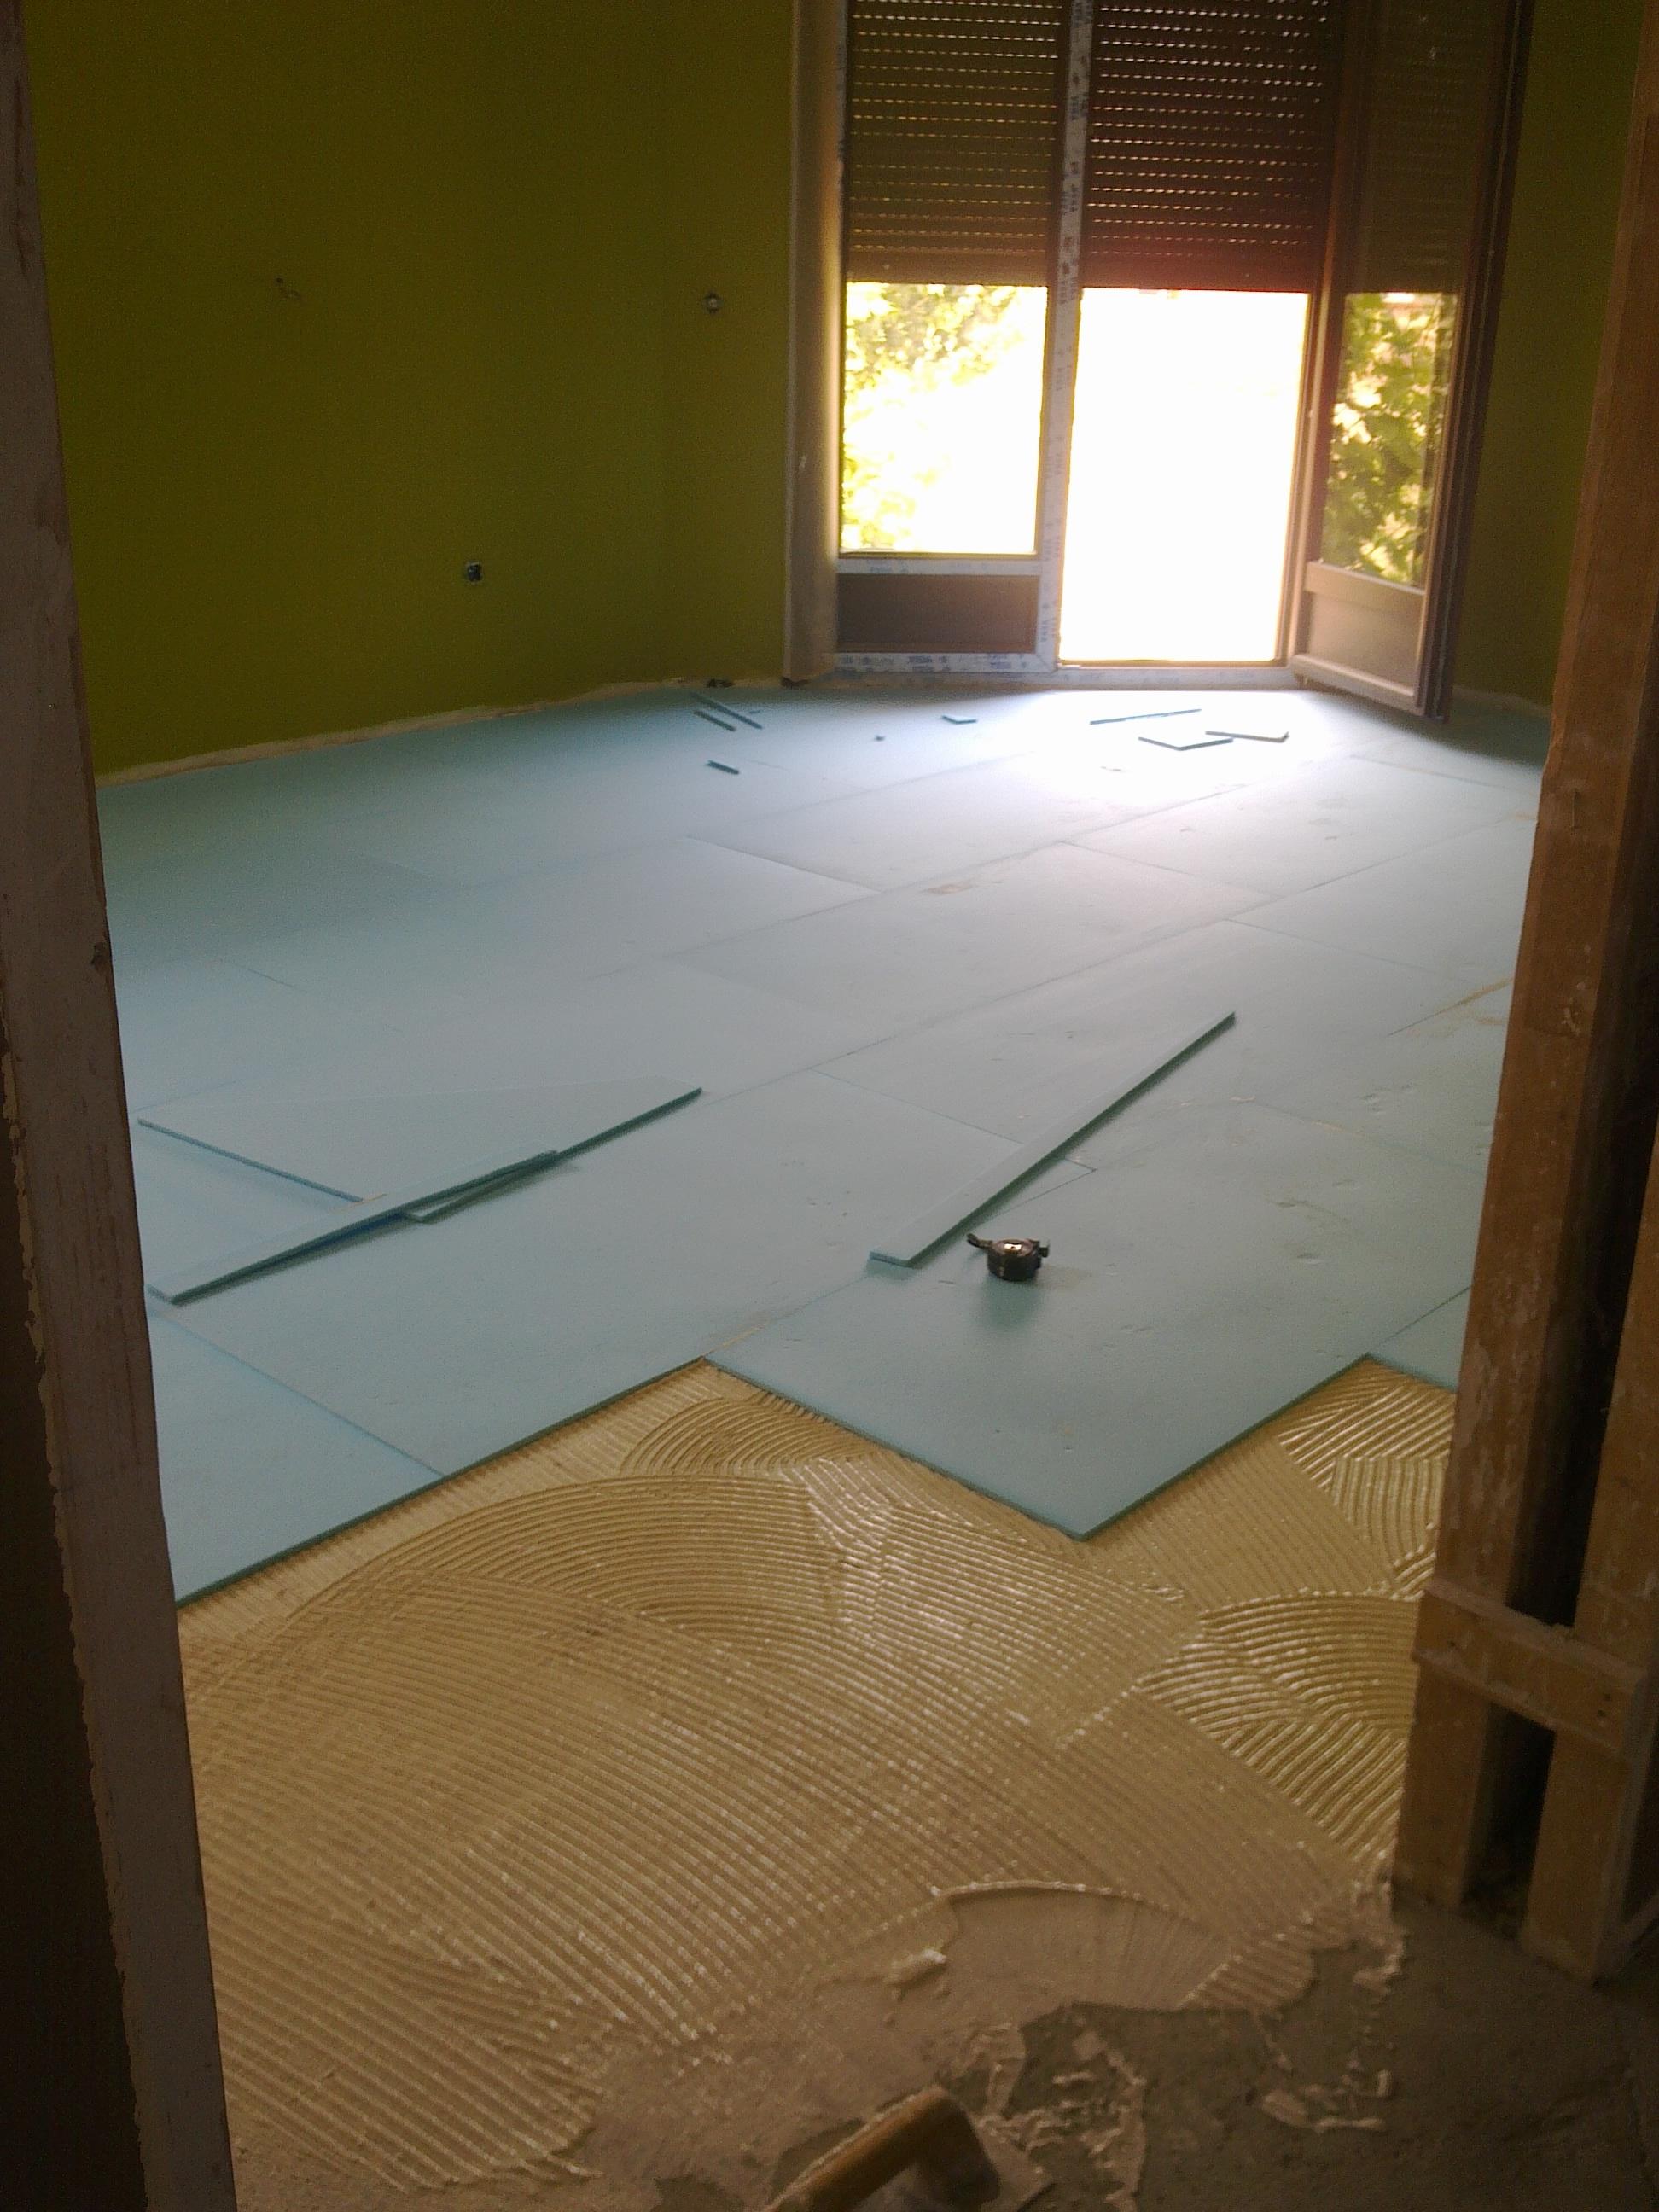 Salon aislante suelo tarima 1 instalaciones el ctricas - Aislantes termicos para suelos ...